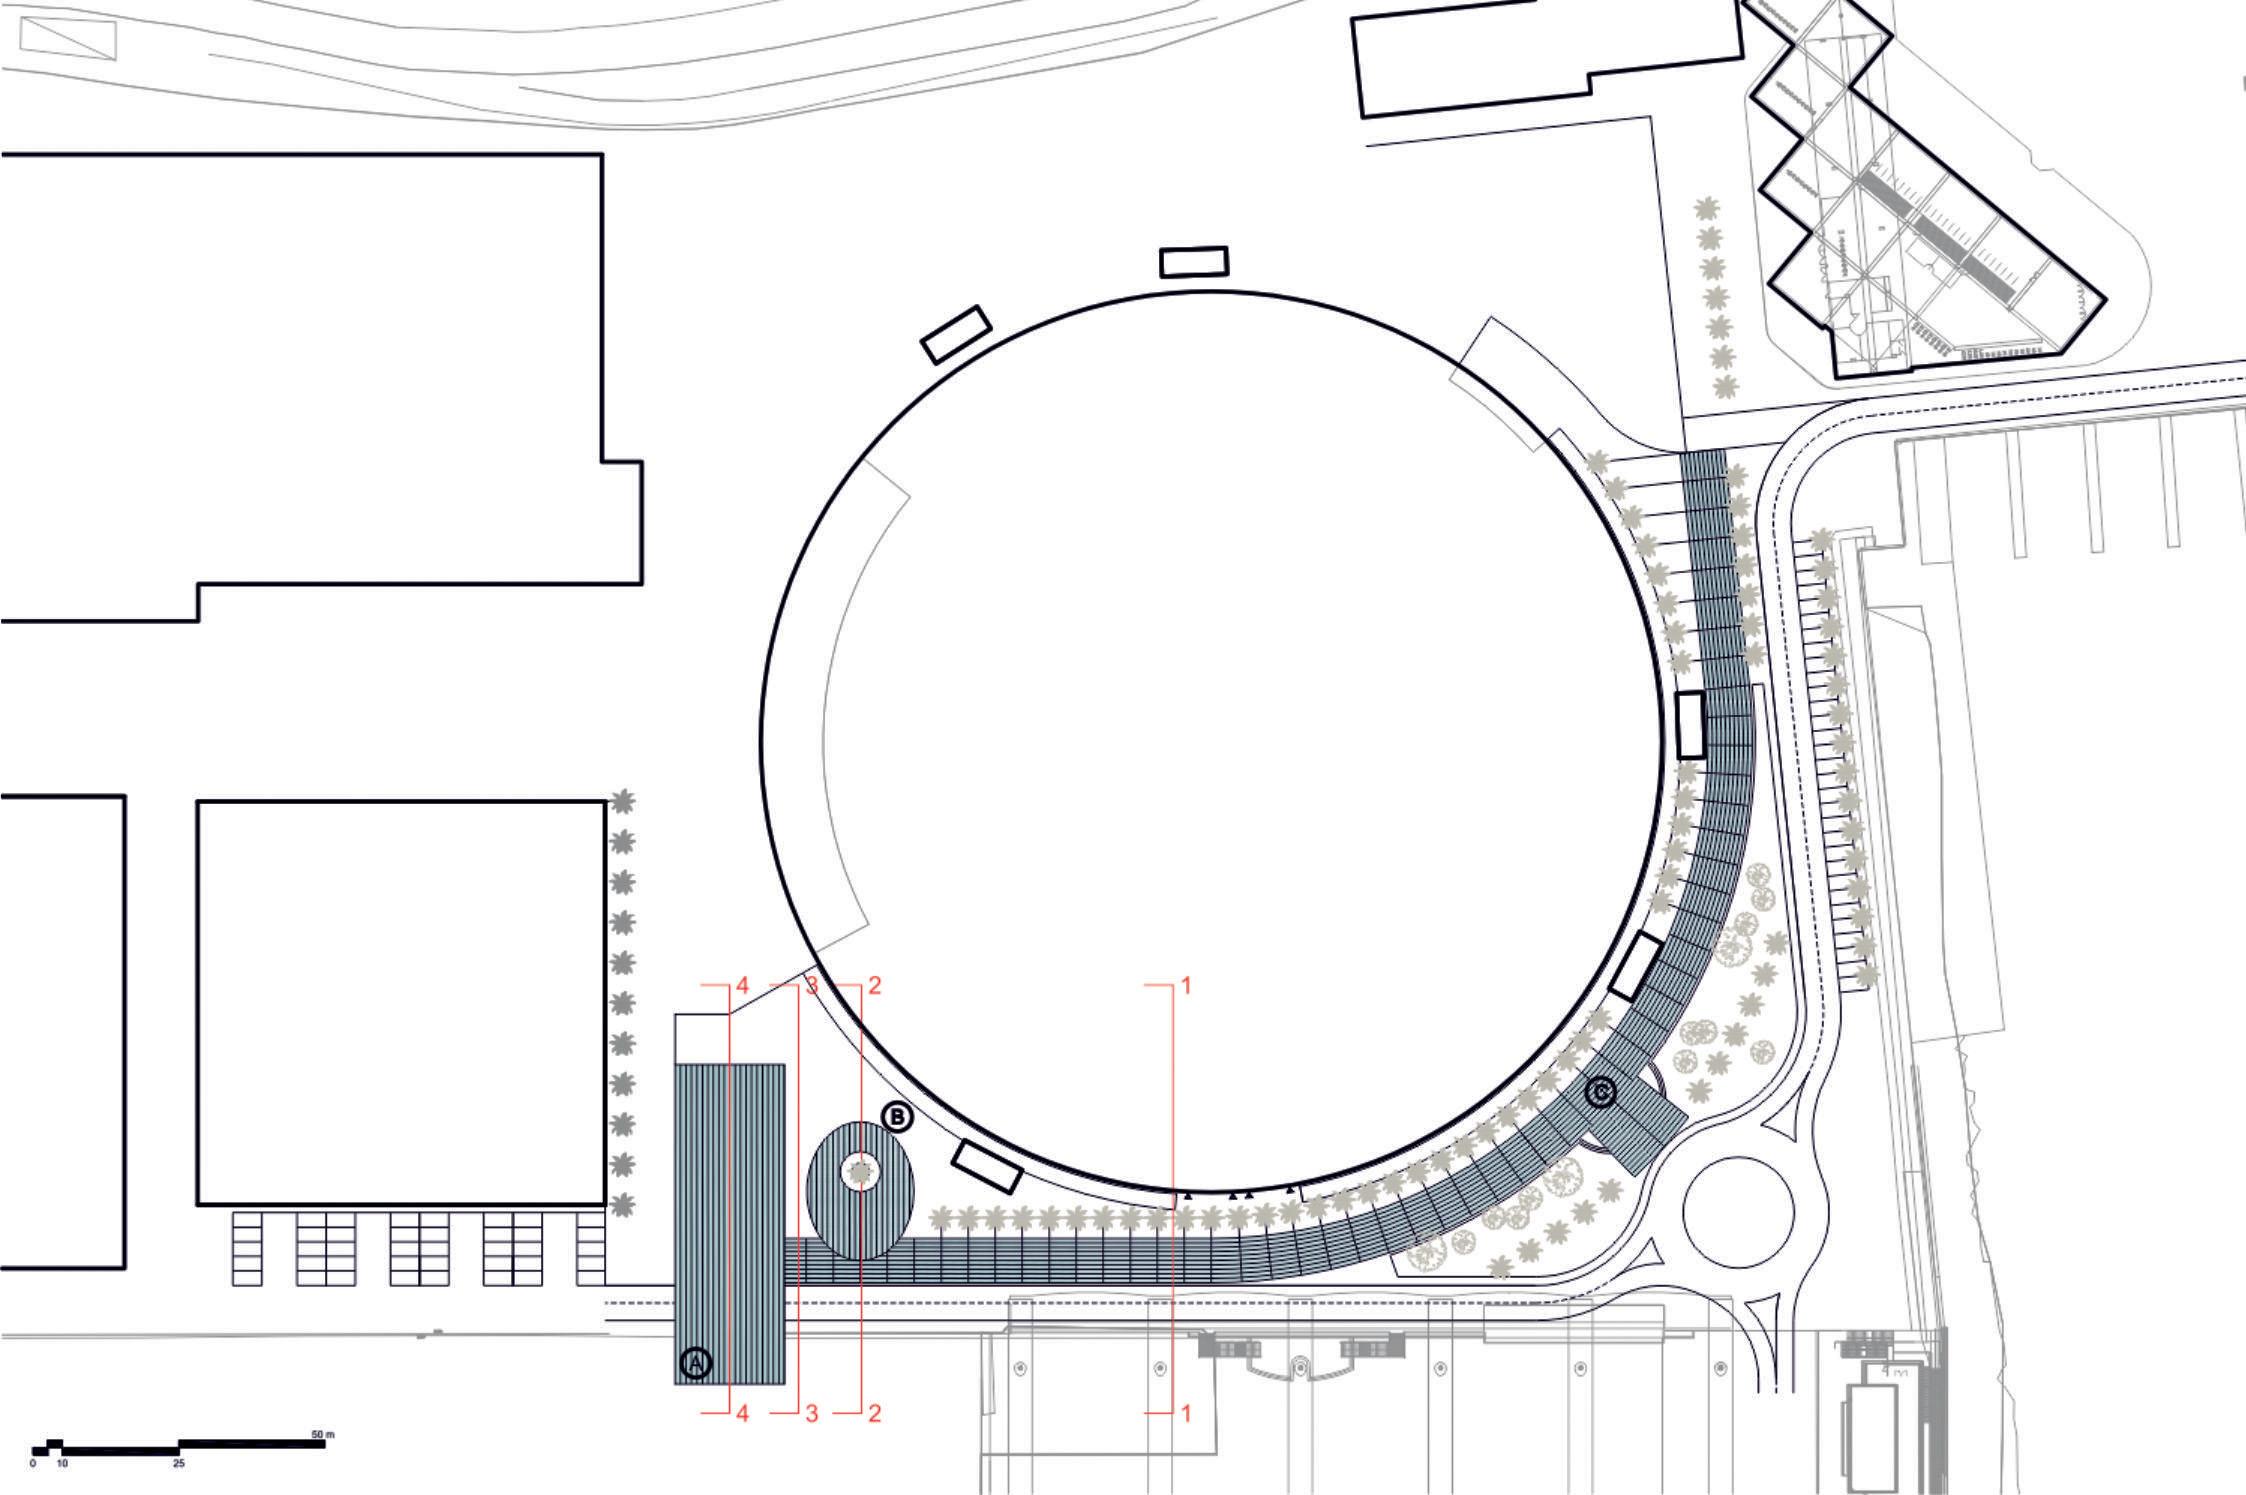 Nuovo accesso alla Fiera di Genova: masterplan preliminare